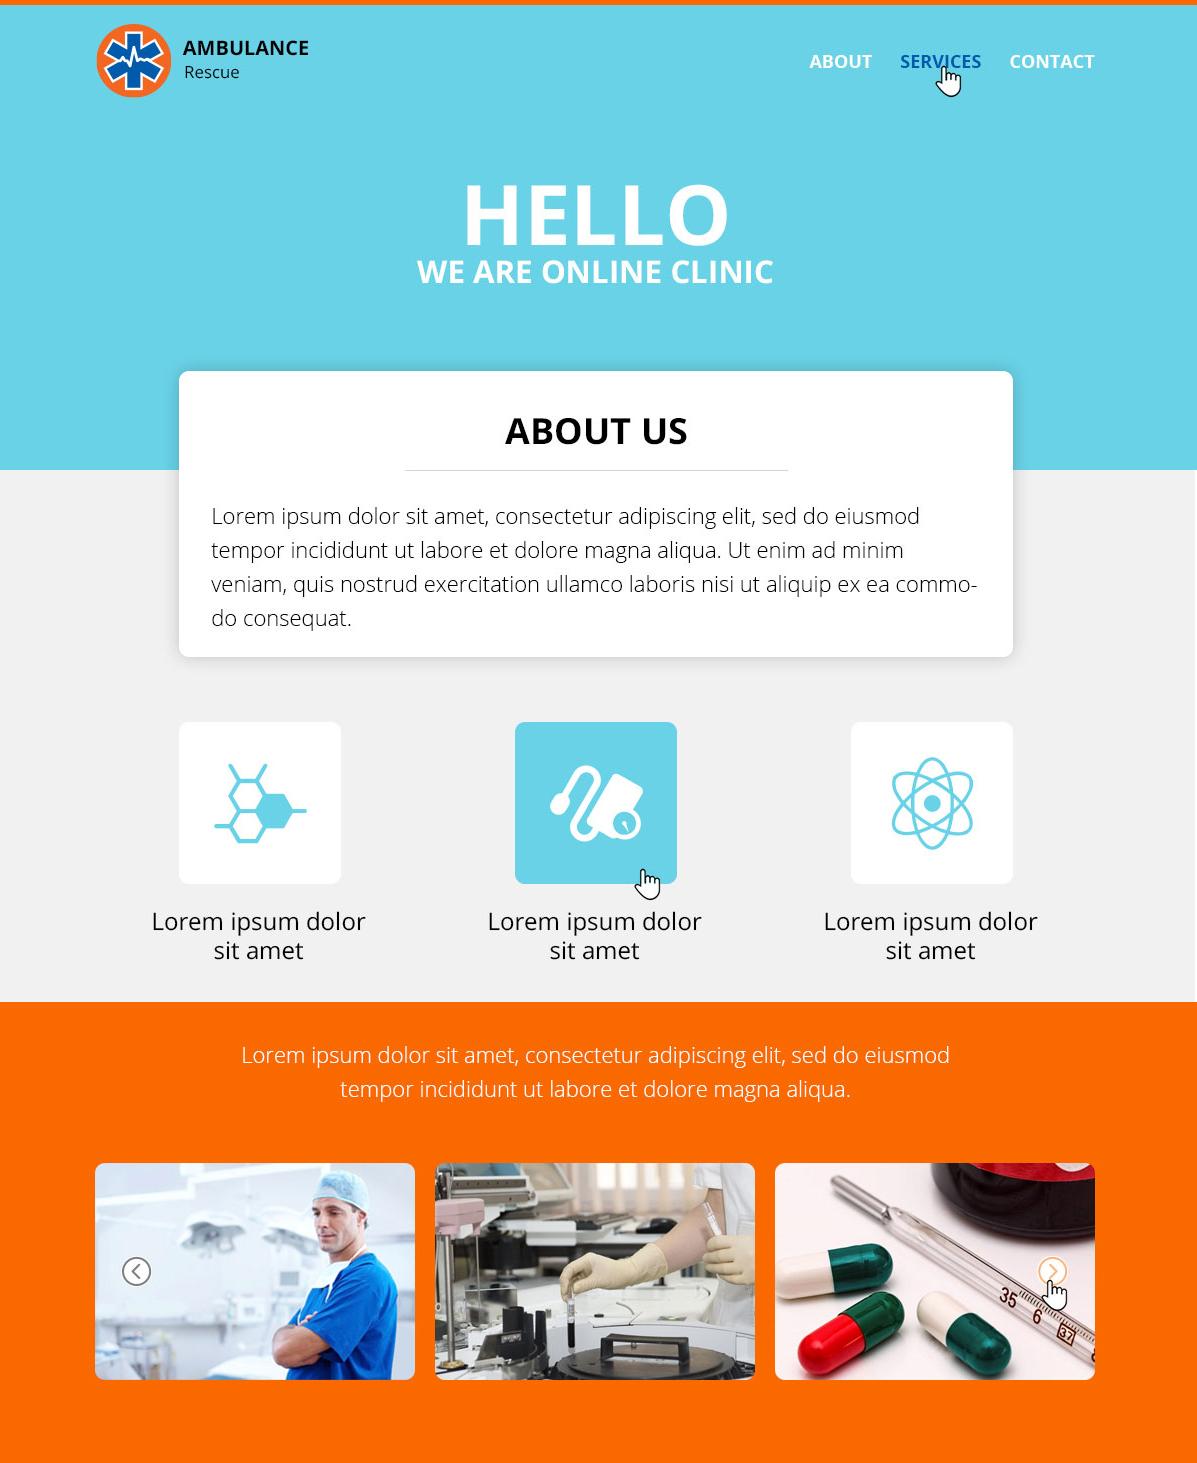 курсы веб дизайна, создание сайта, курсы html,css